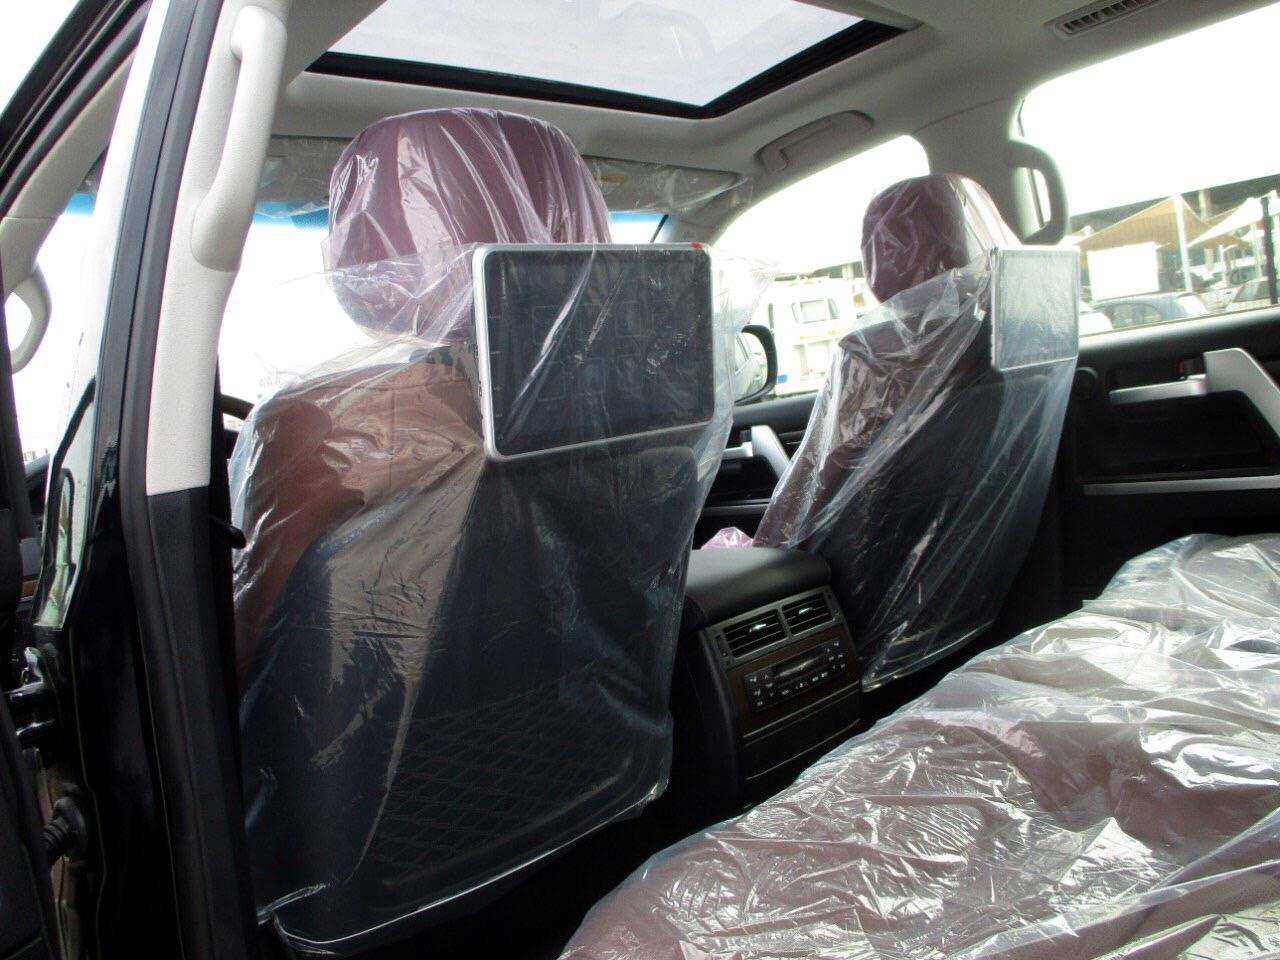 Bán Toyota Landcruiser Executive Lounge 4.5V8 máy dầu bản cao cấp nhất, ful đồ nhất 2021